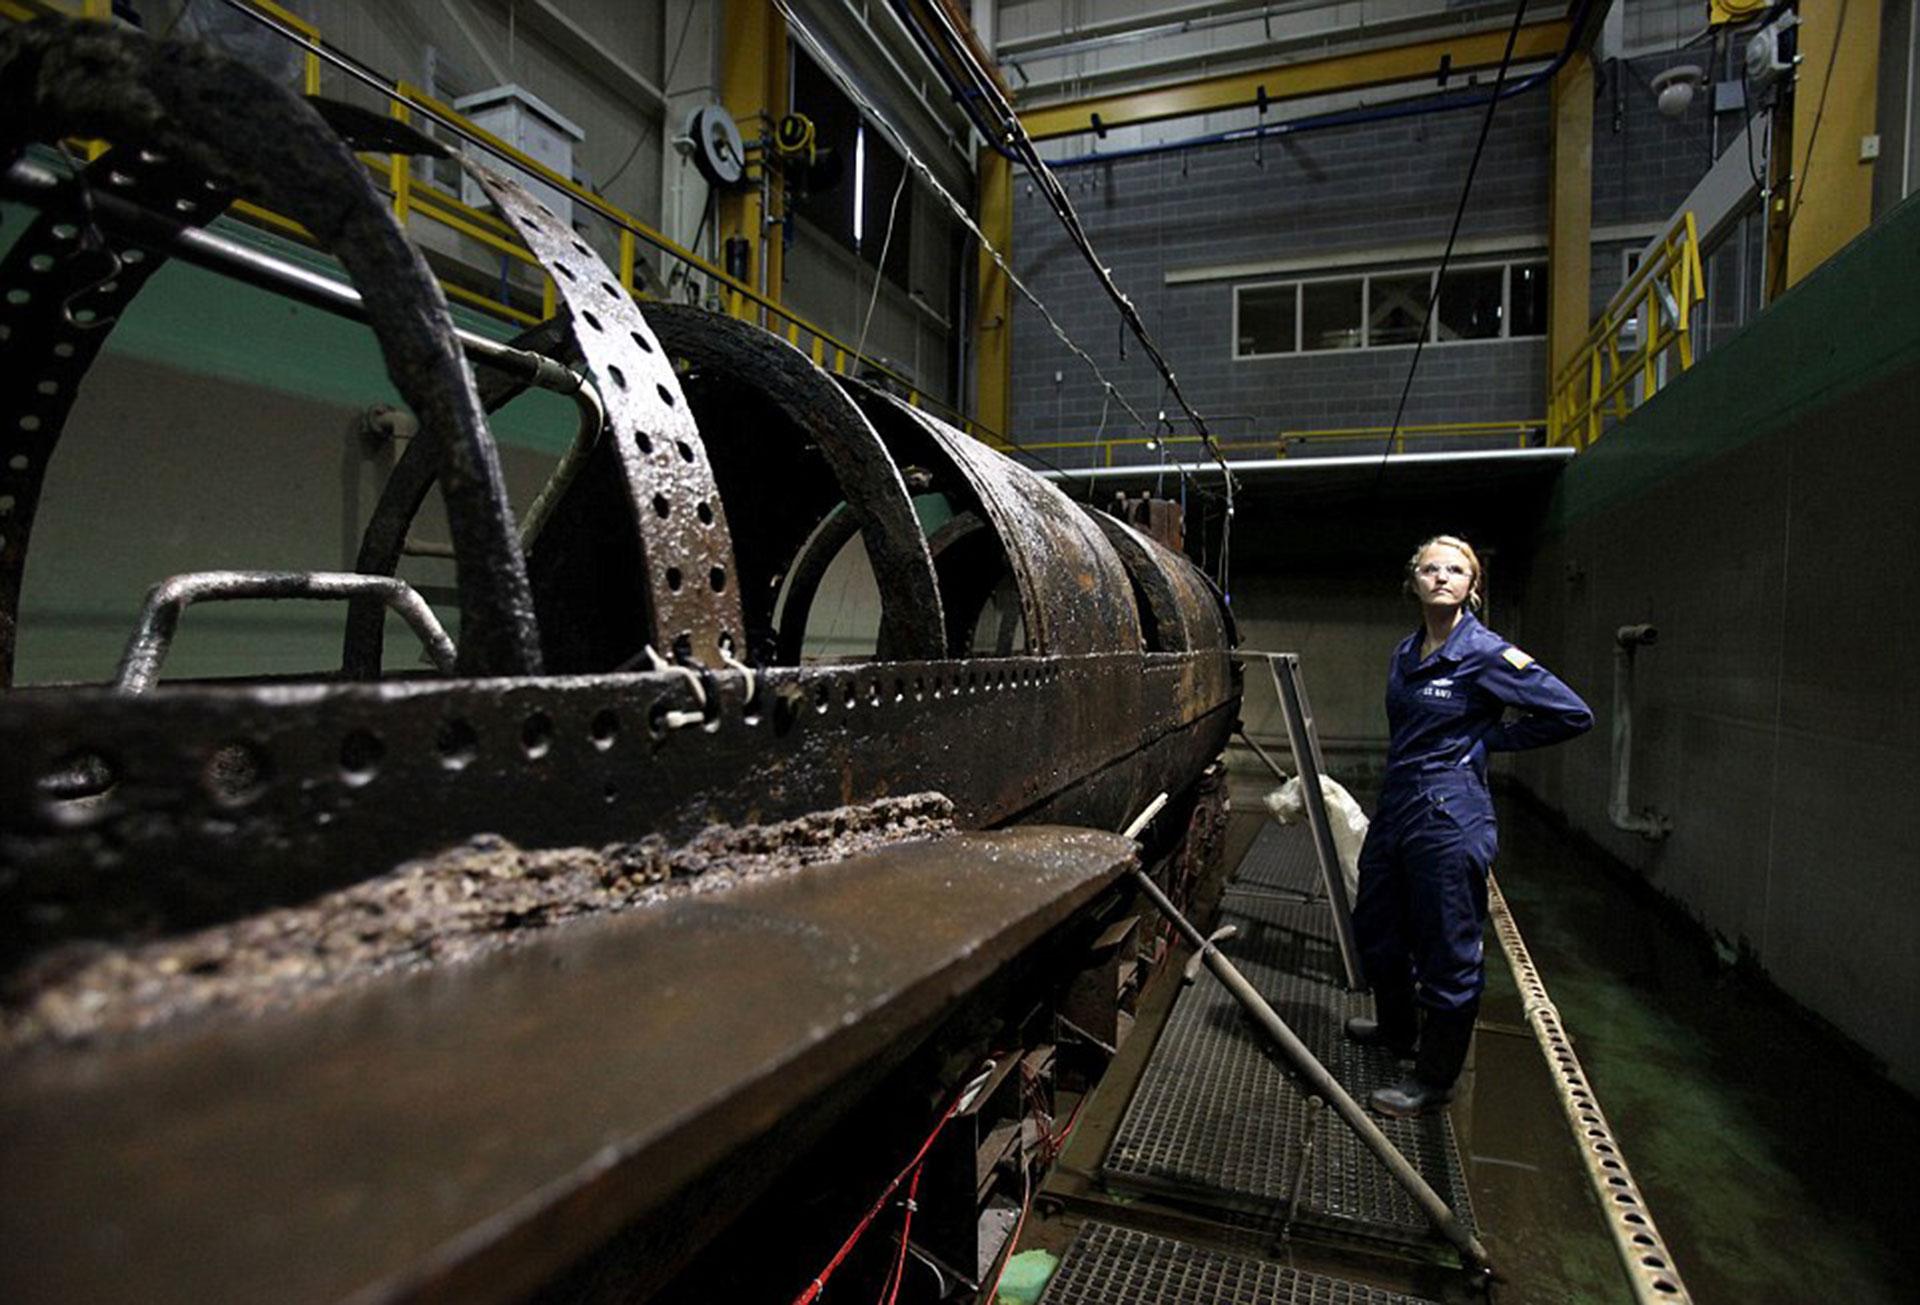 Dos científicos trabajaron durante 17 años en separar los residuos, el óxido y el barro de la estructura del submarino. En ese proceso hallaron los restos del marino Frank Collins. En la foto, la conservadora Anna Funke (AP)